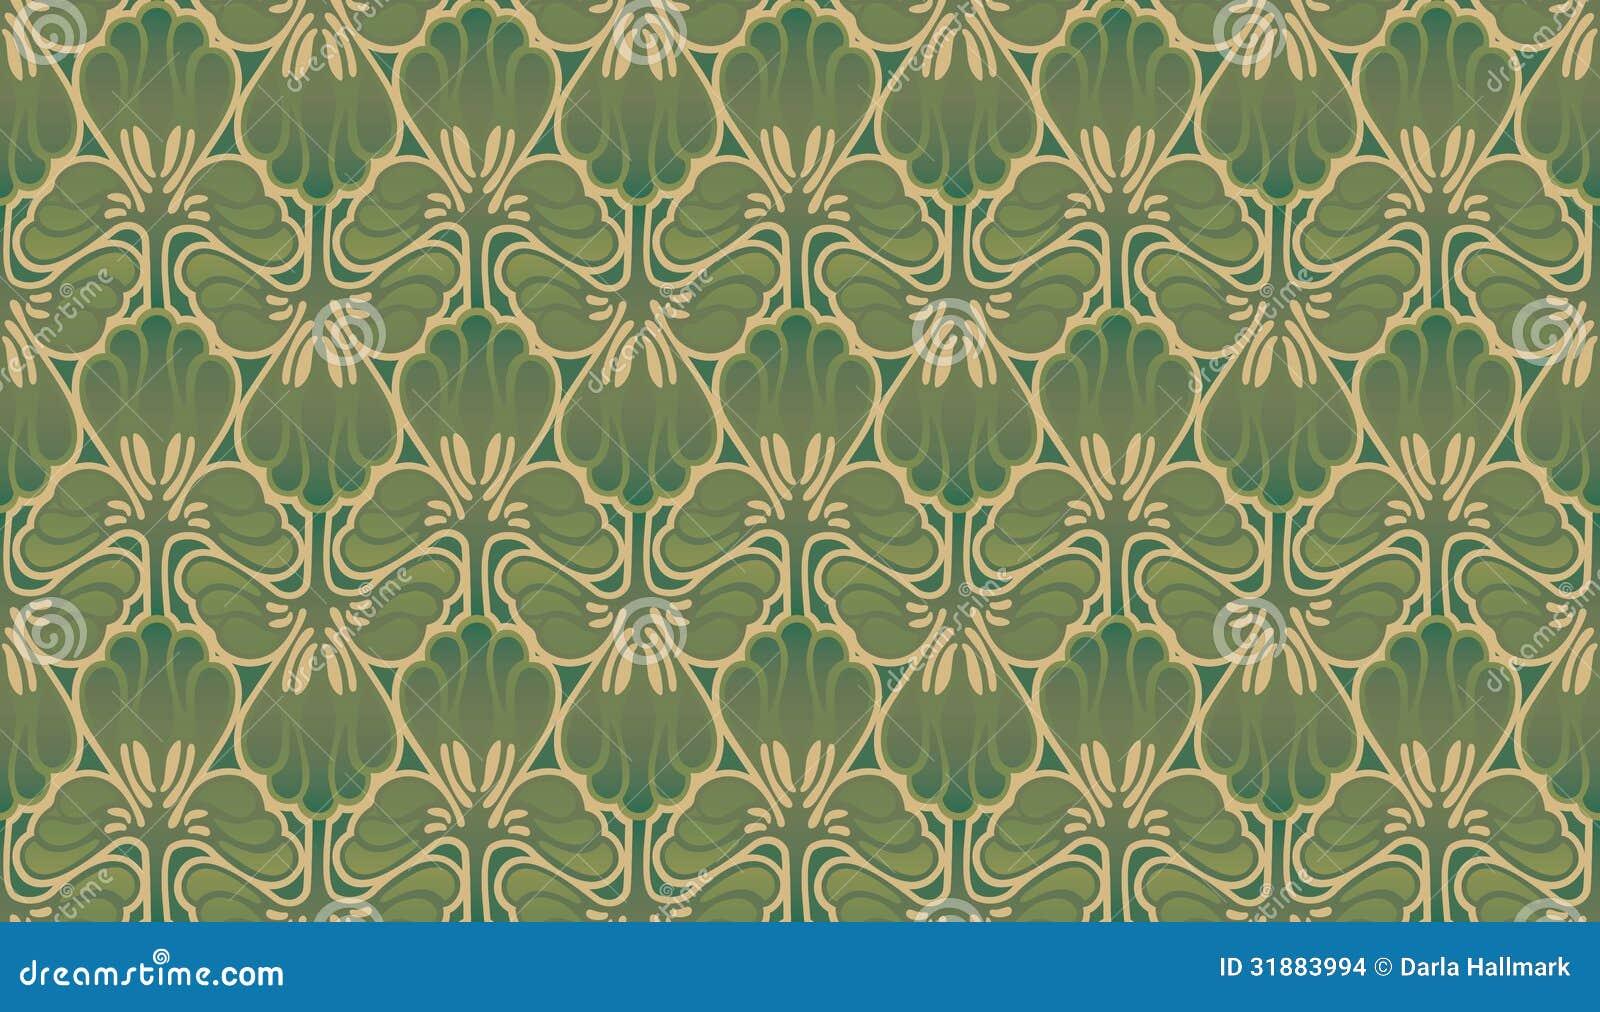 Art nouveau wallpaper stock images image 31883994 - Papier peint art nouveau ...